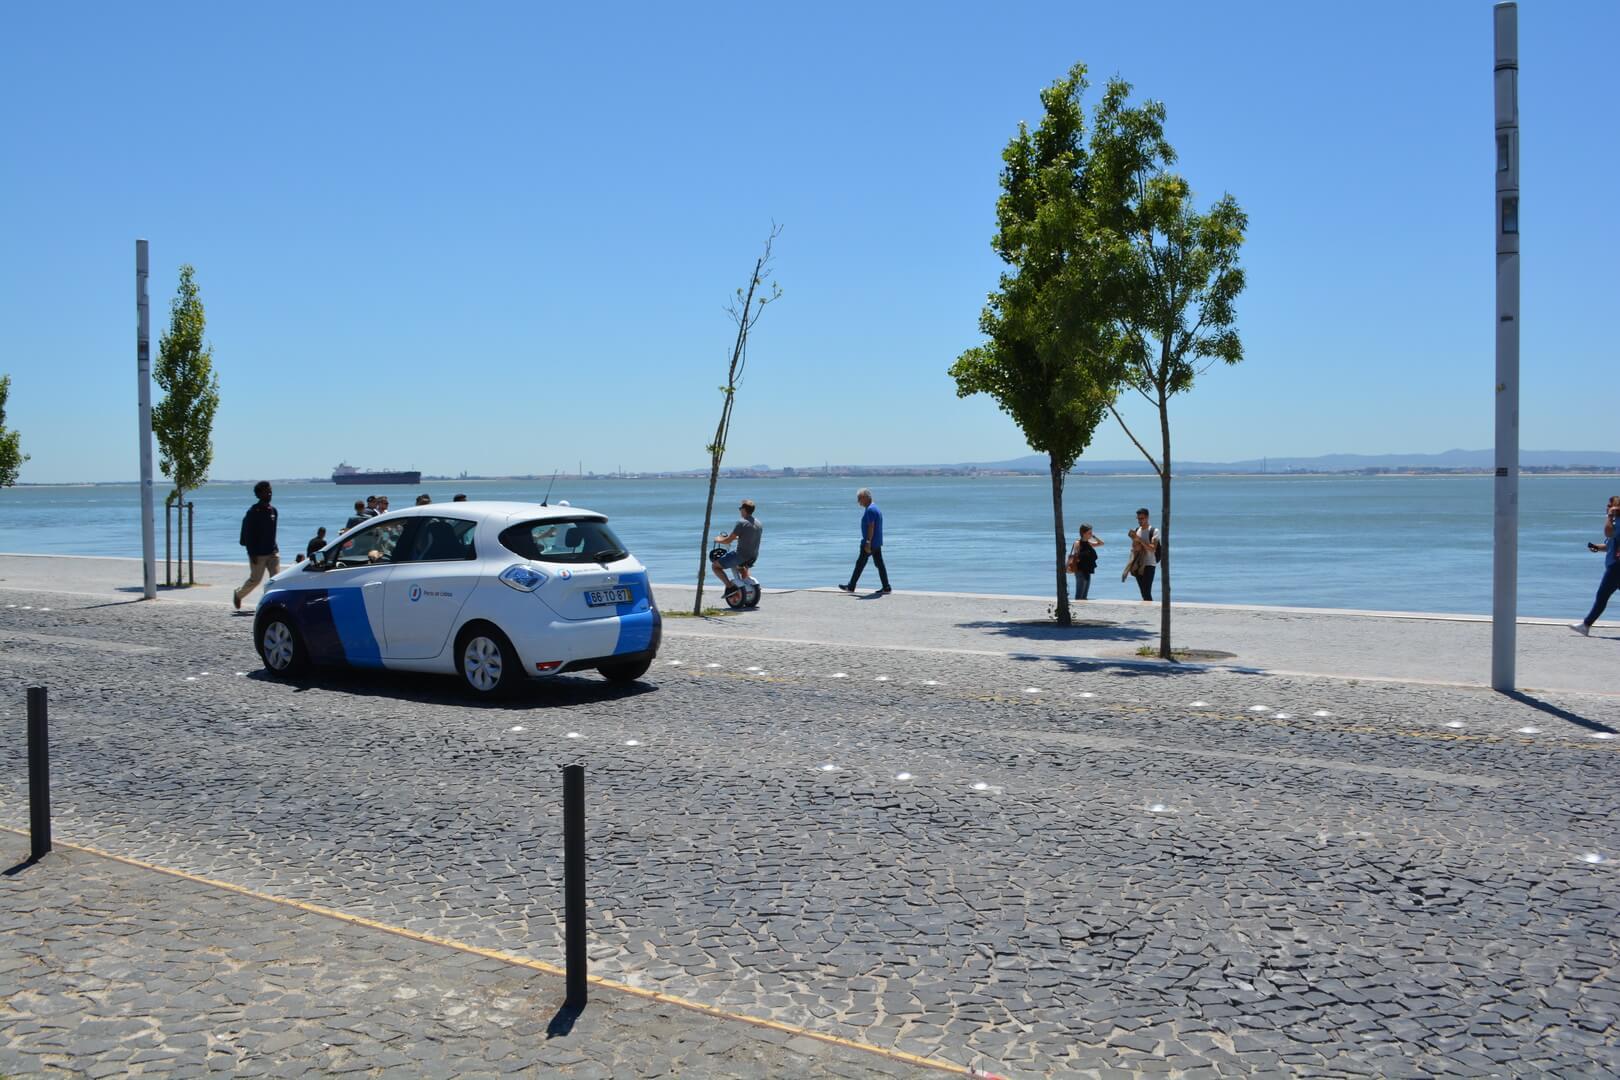 Городская набережная и Renault ZOE (Lisabon, Portugal)